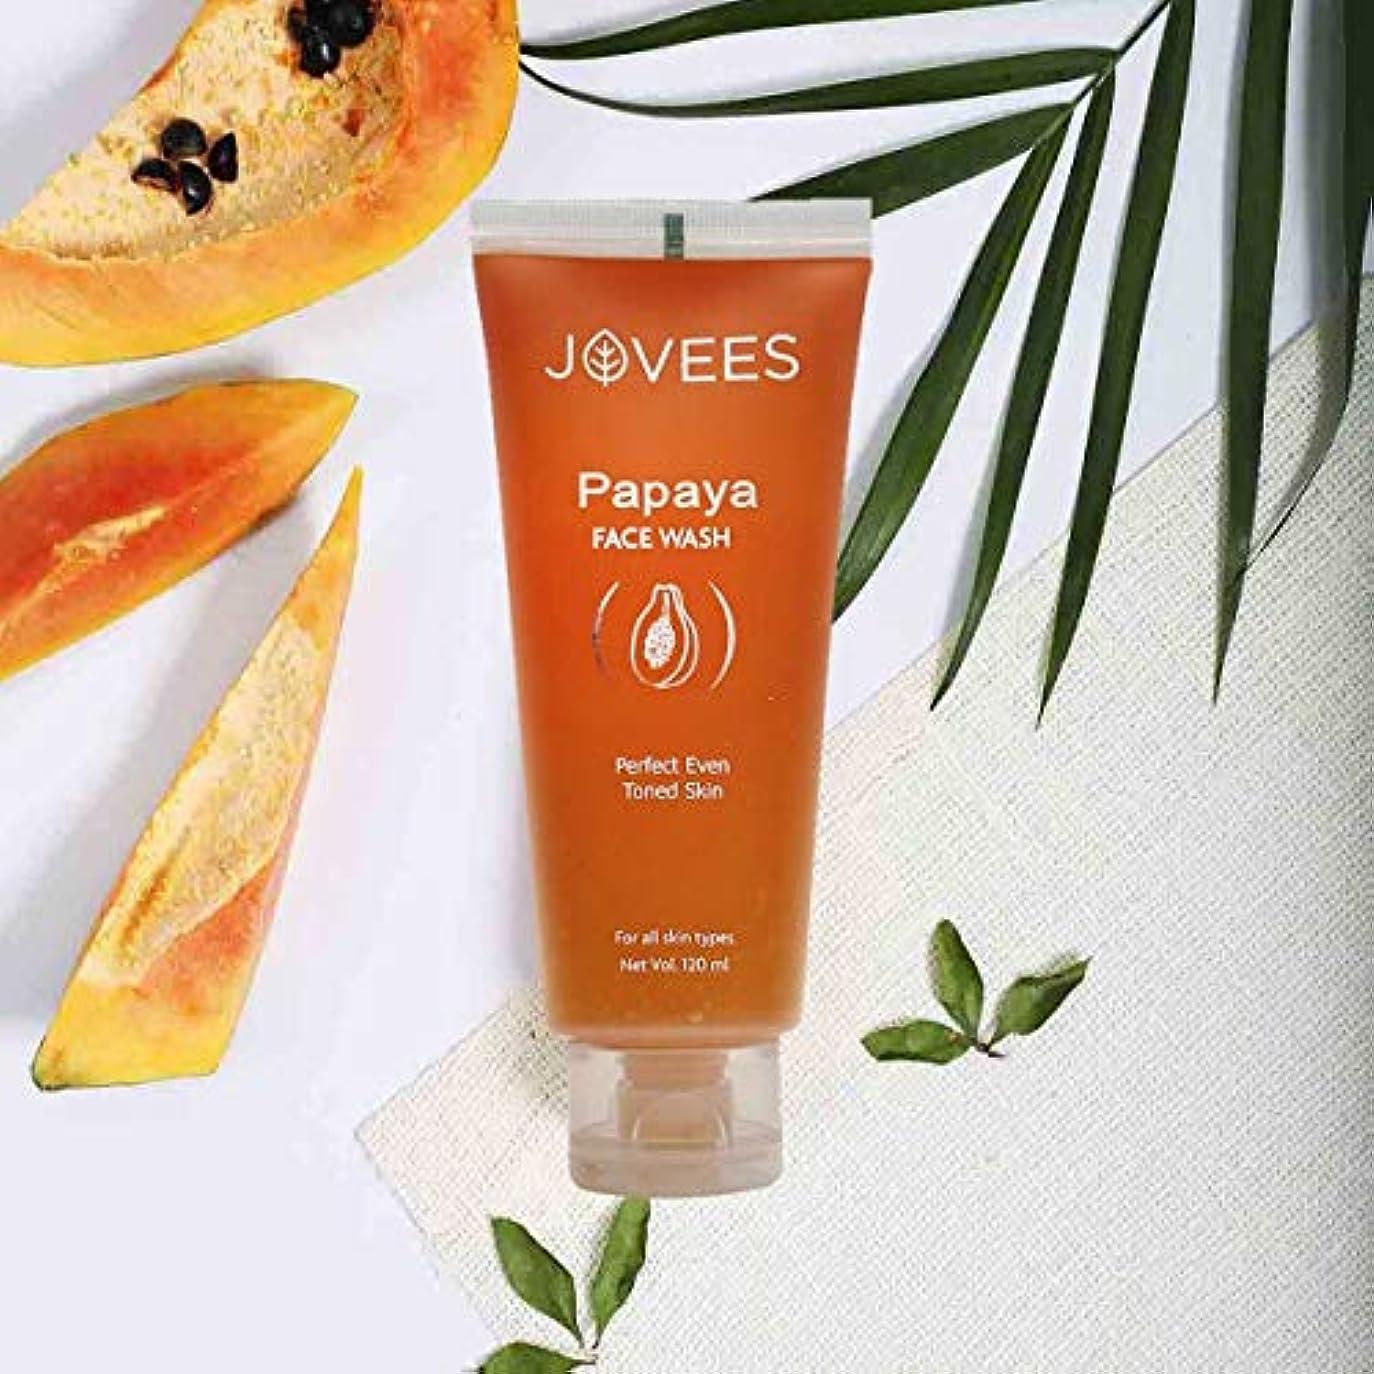 いらいらする肥沃な蓮Jovees Papaya Face Wash 120ml Papaya & Vitamin A For Perfect Even Toned Skin パパイヤ洗顔用パパイヤ&ビタミンA